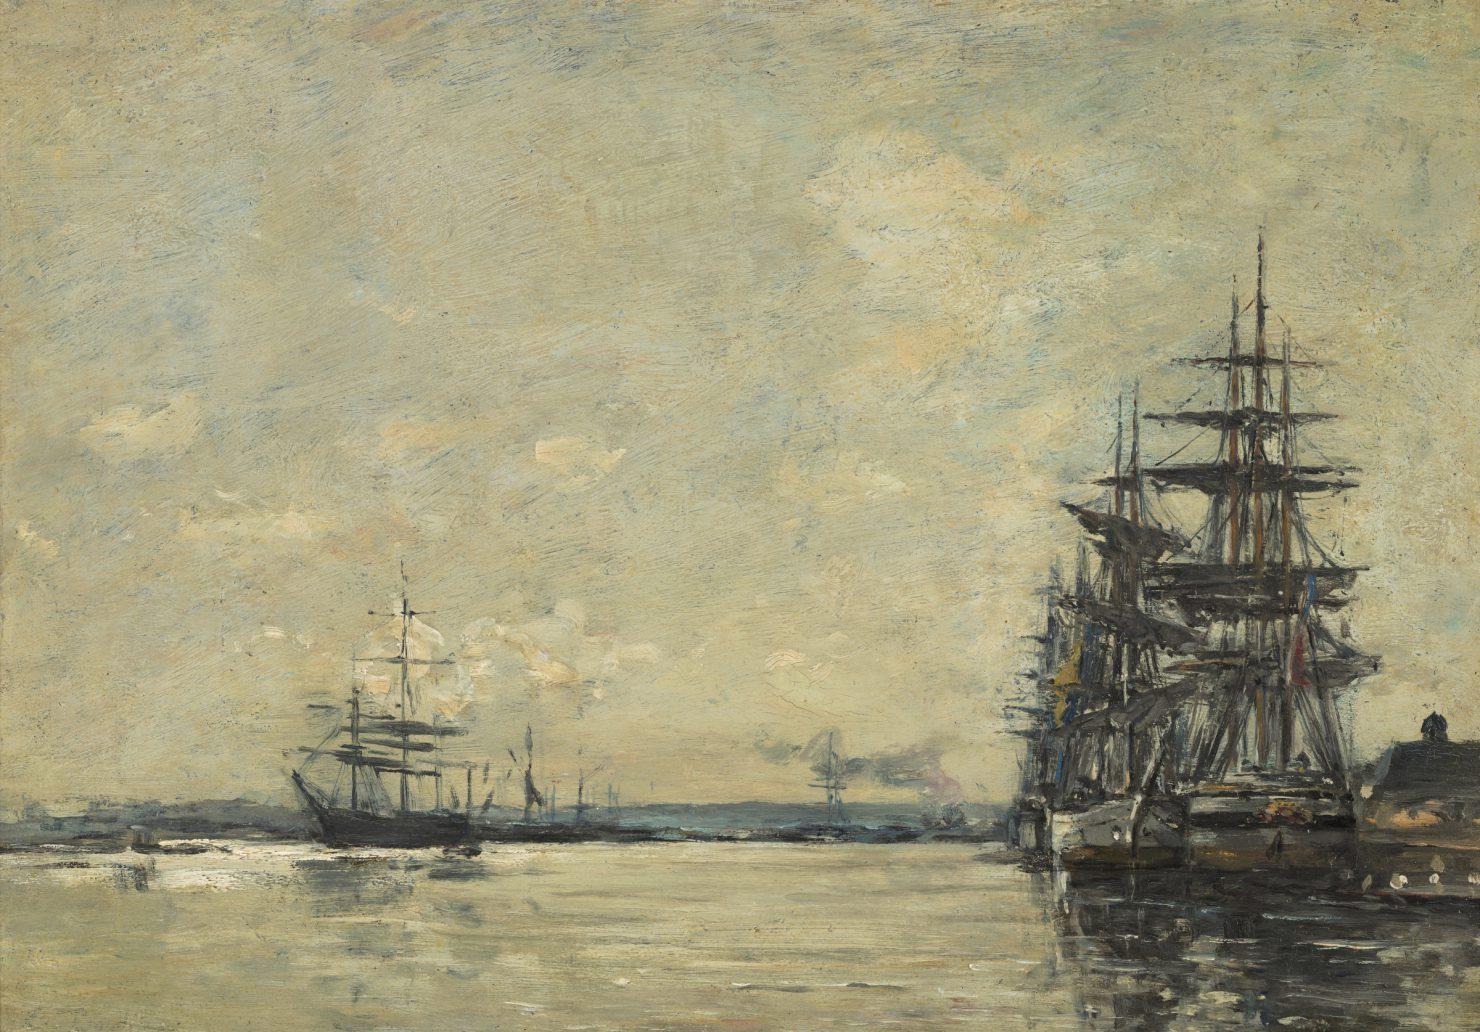 Eugene Boudin Эжен Буден марина картина пейзажи импрессионизм природы Альберт Сафиуллин